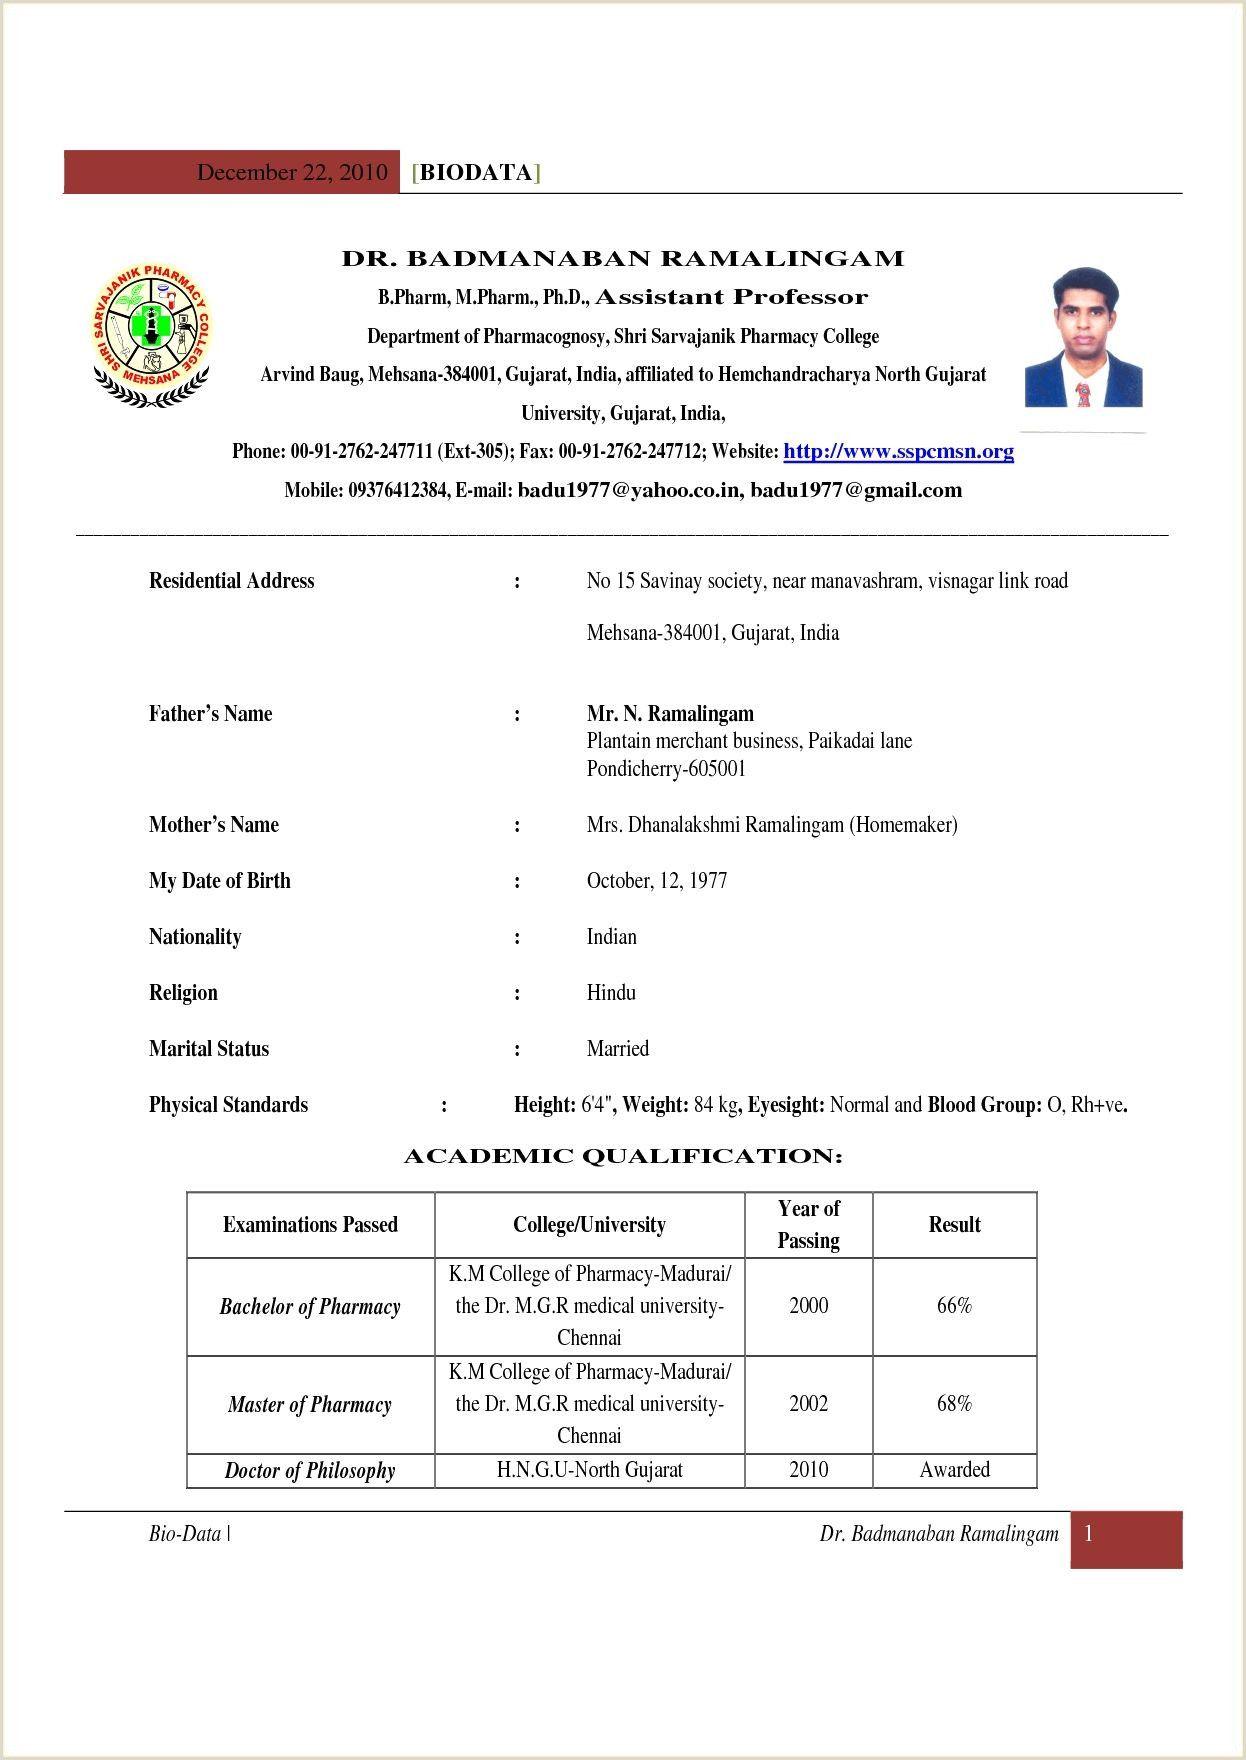 Resume format for Job Fresher Pdf in 2020 Teacher resume